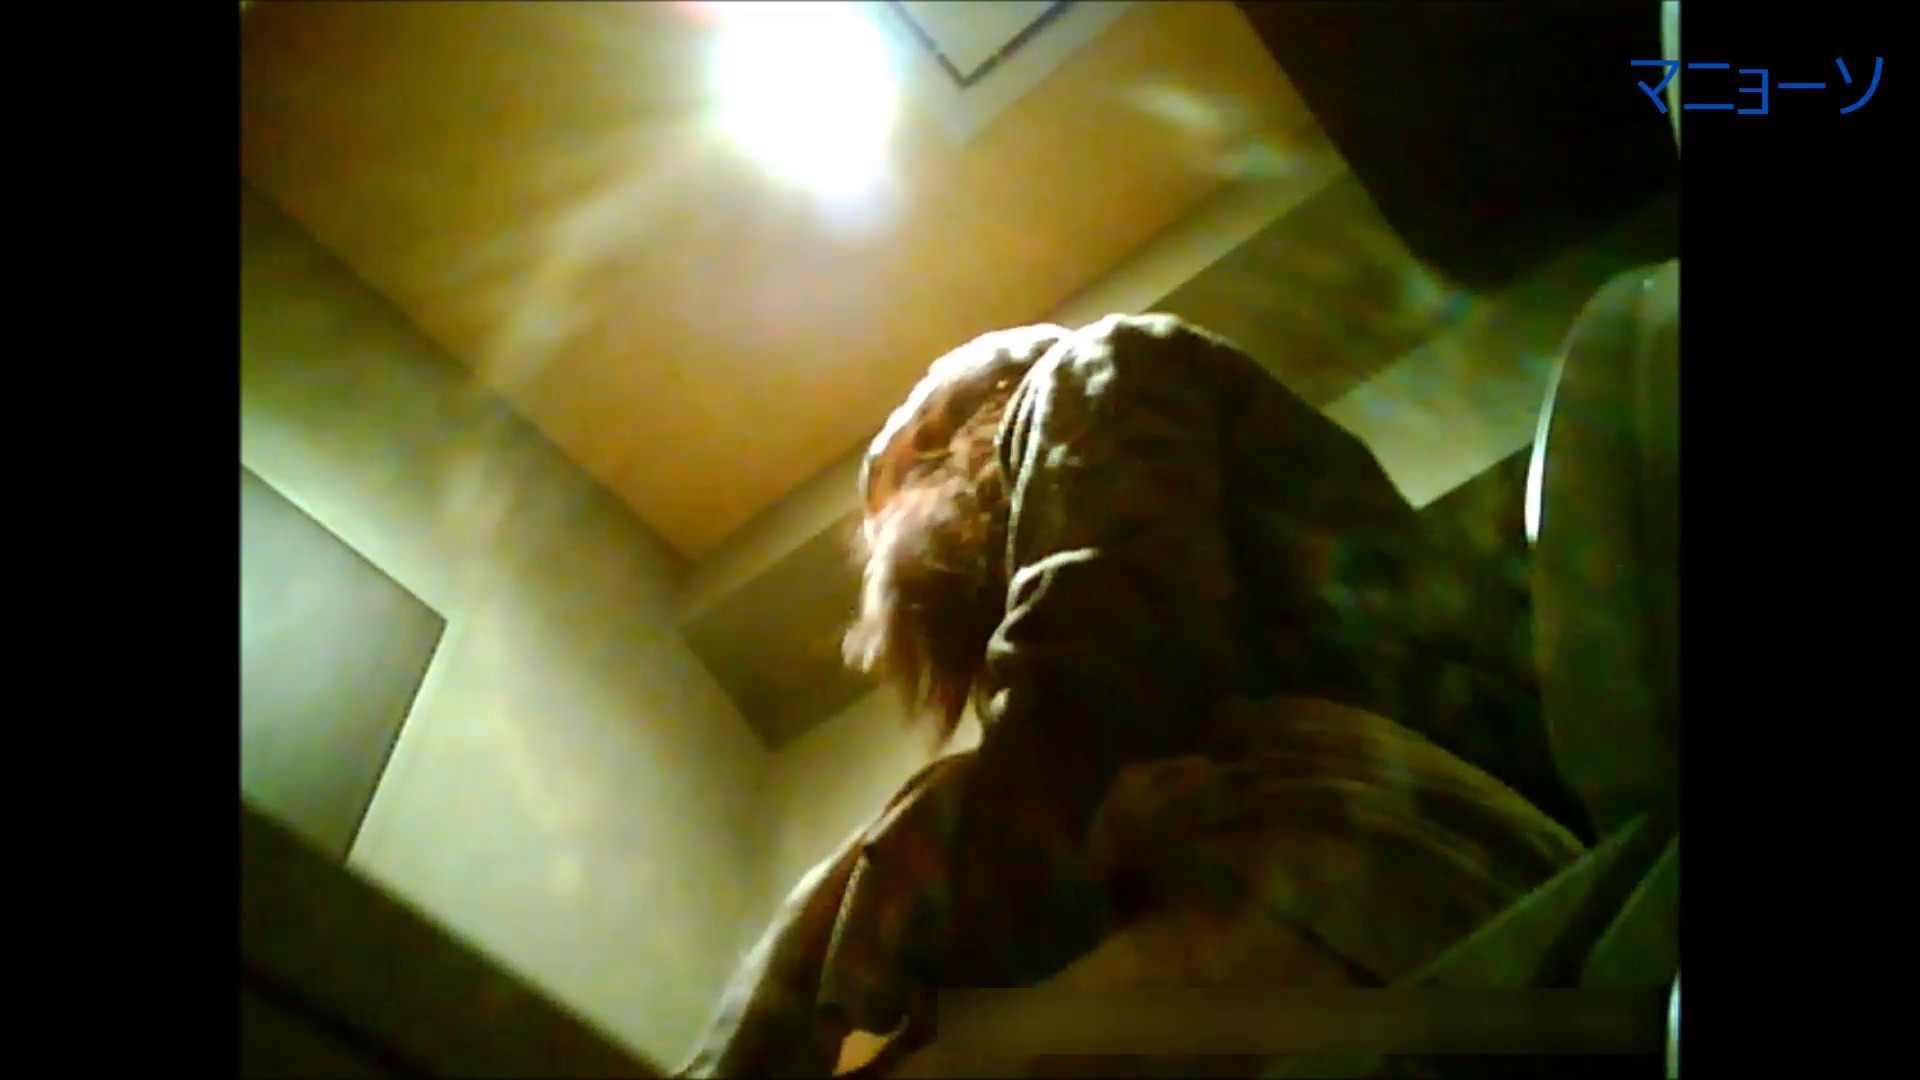 トイレでひと肌脱いでもらいました (JD編)Vol.01 トイレ | OLの実態  53pic 35